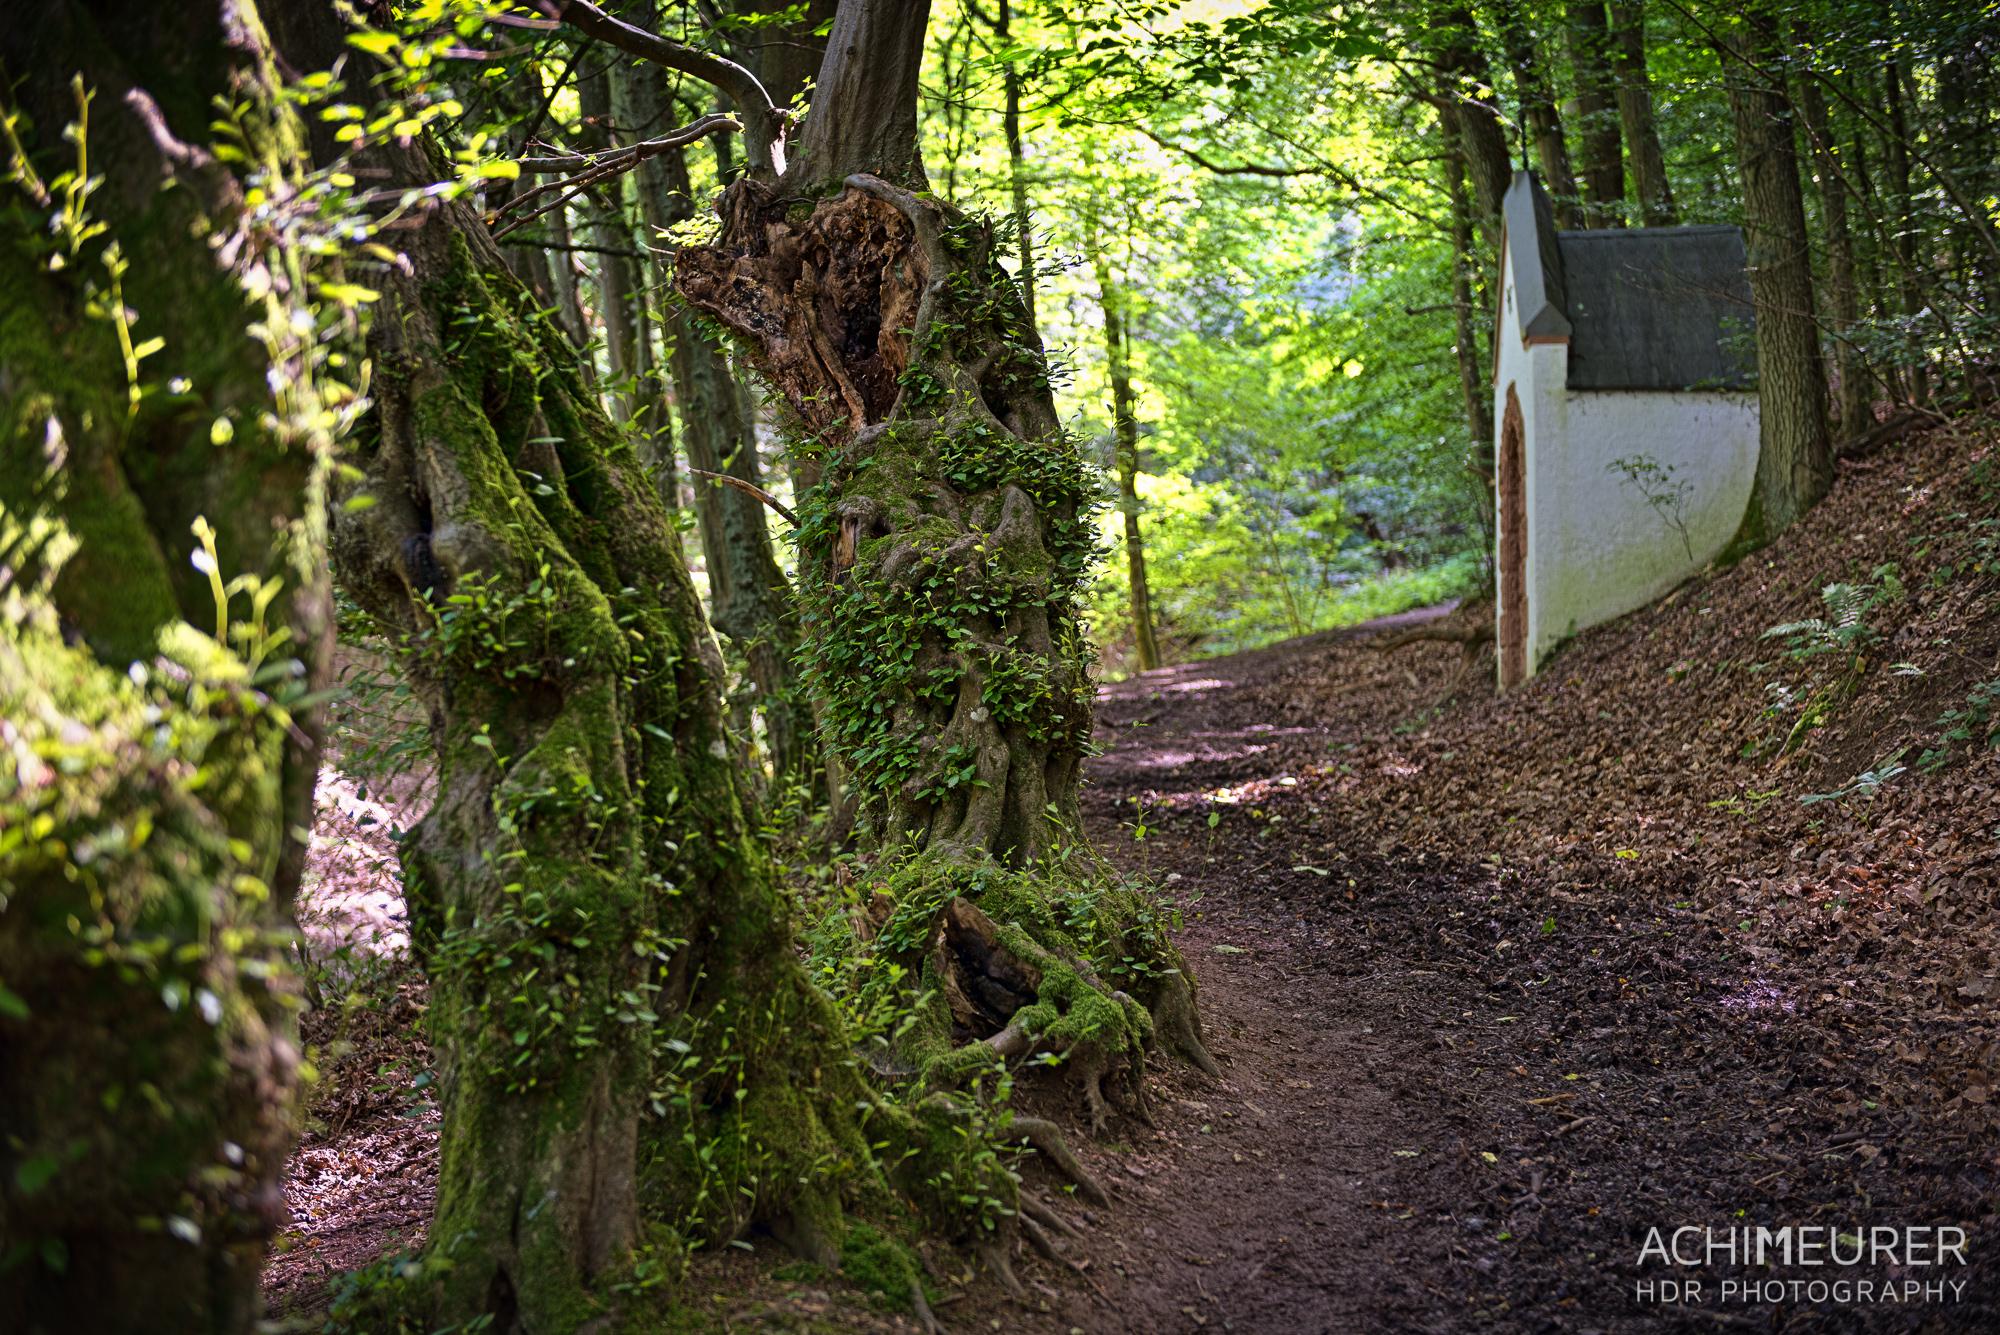 Eifel-Rheinland-Pfalz-Rureifel_5433_32_31_30_29_28_27_HDR